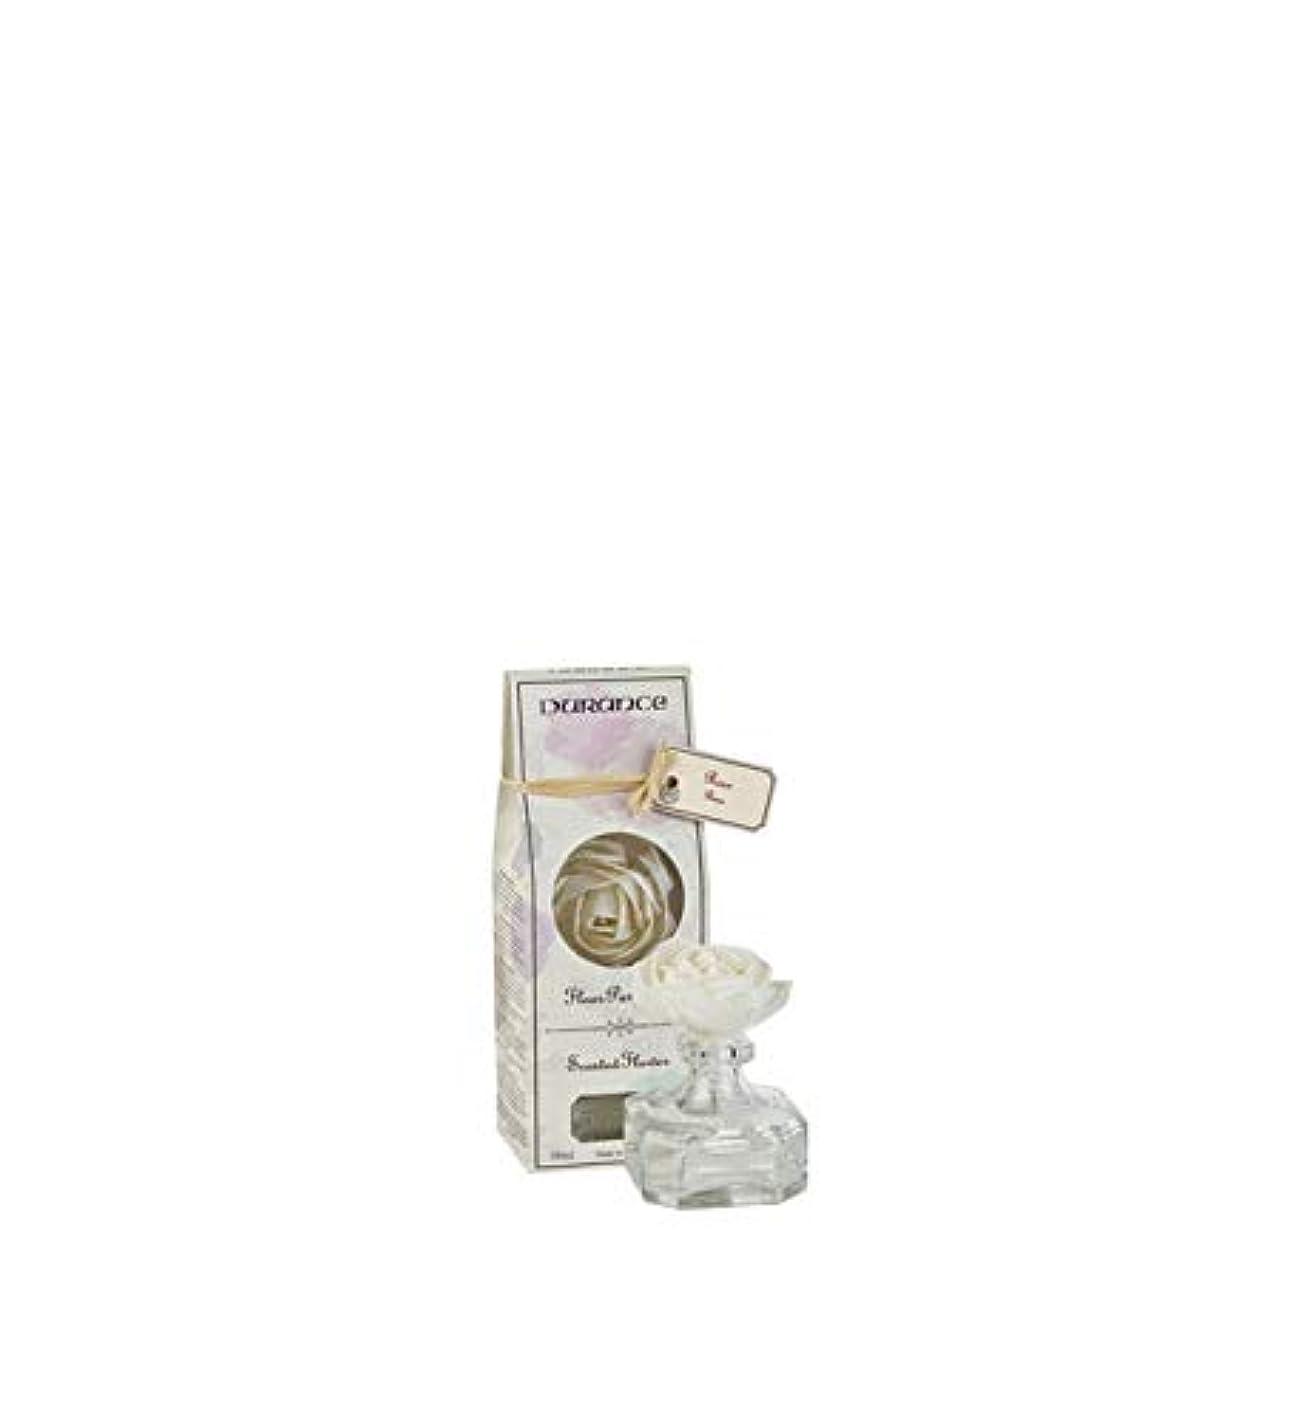 リラックス腐敗調整可能DURANCEデュランス ローズフラワーブーケ100ml ローズの香り ルームフレグランス 芳香剤